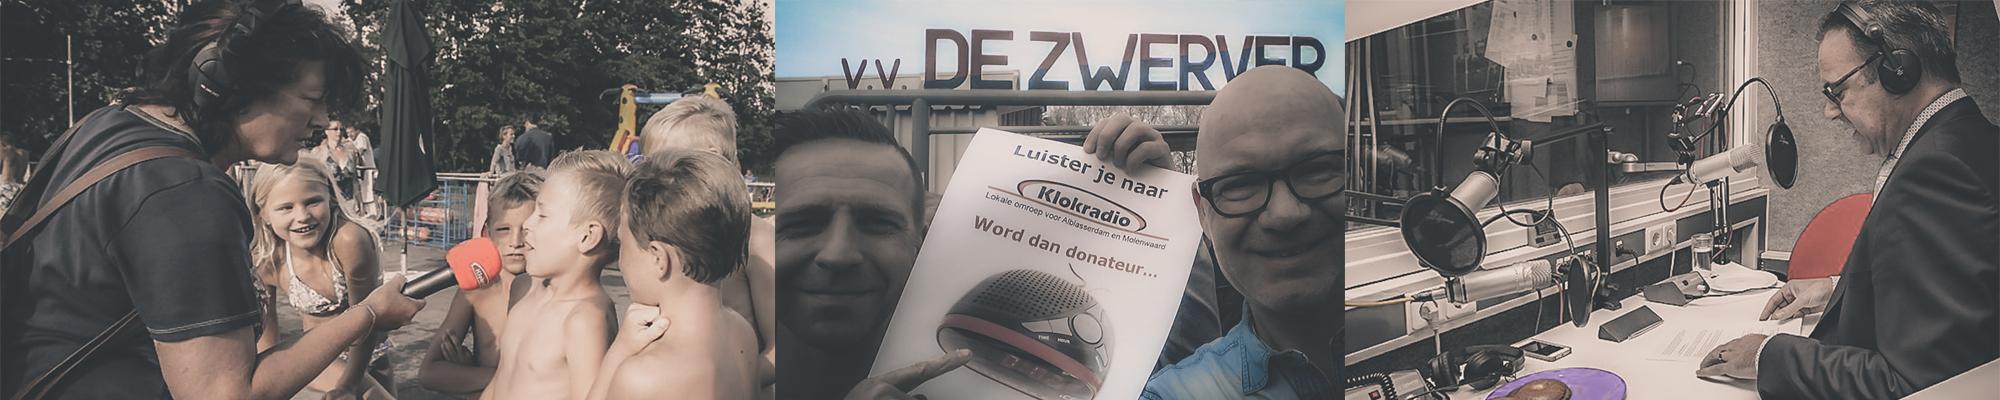 Adverteren op Klokradio